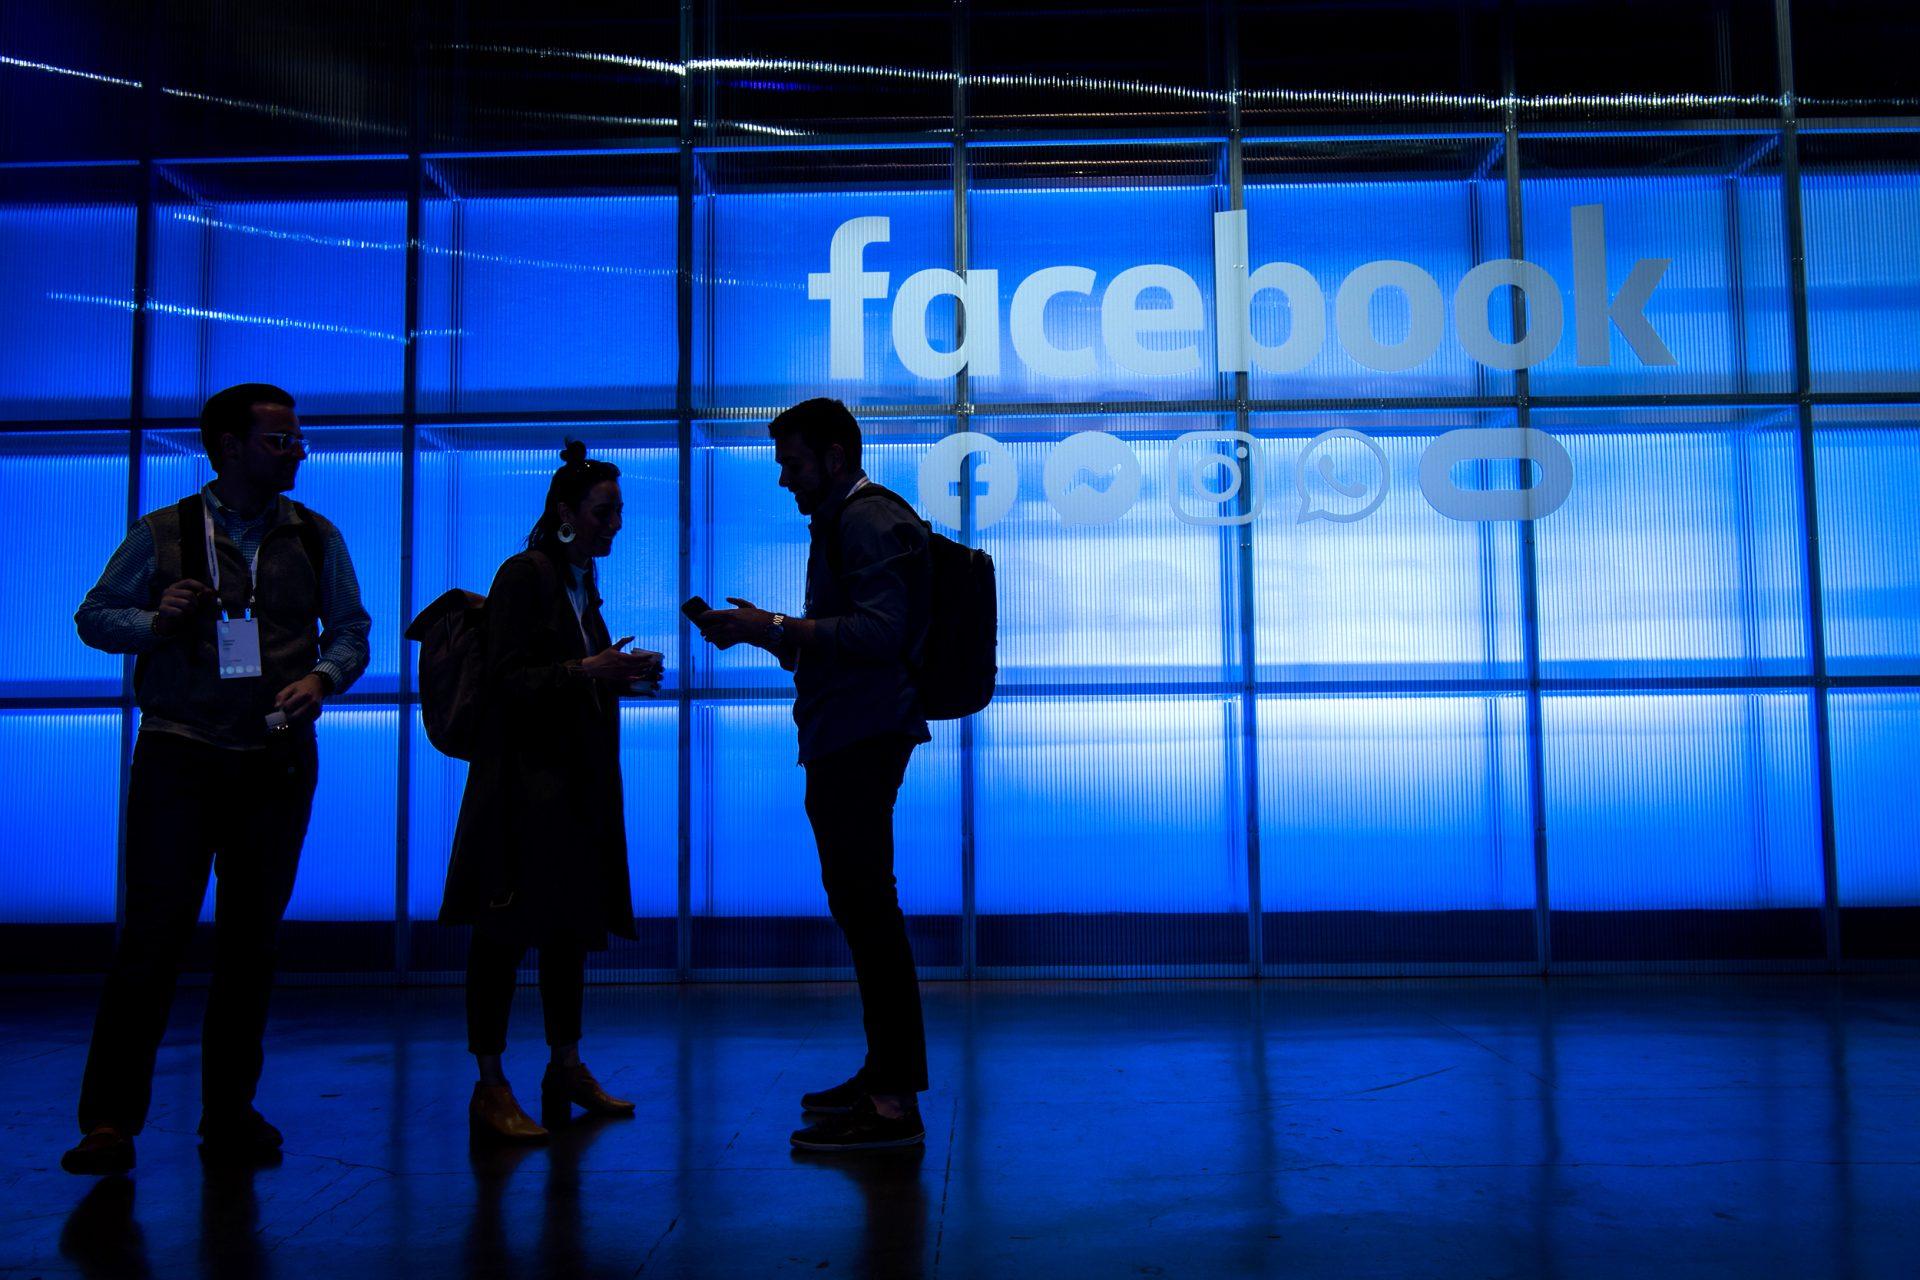 Un fost angajat al Facebook dezvăluie că rețeaua de socializare a ignorat tentativele de manipulare globală ale unor state